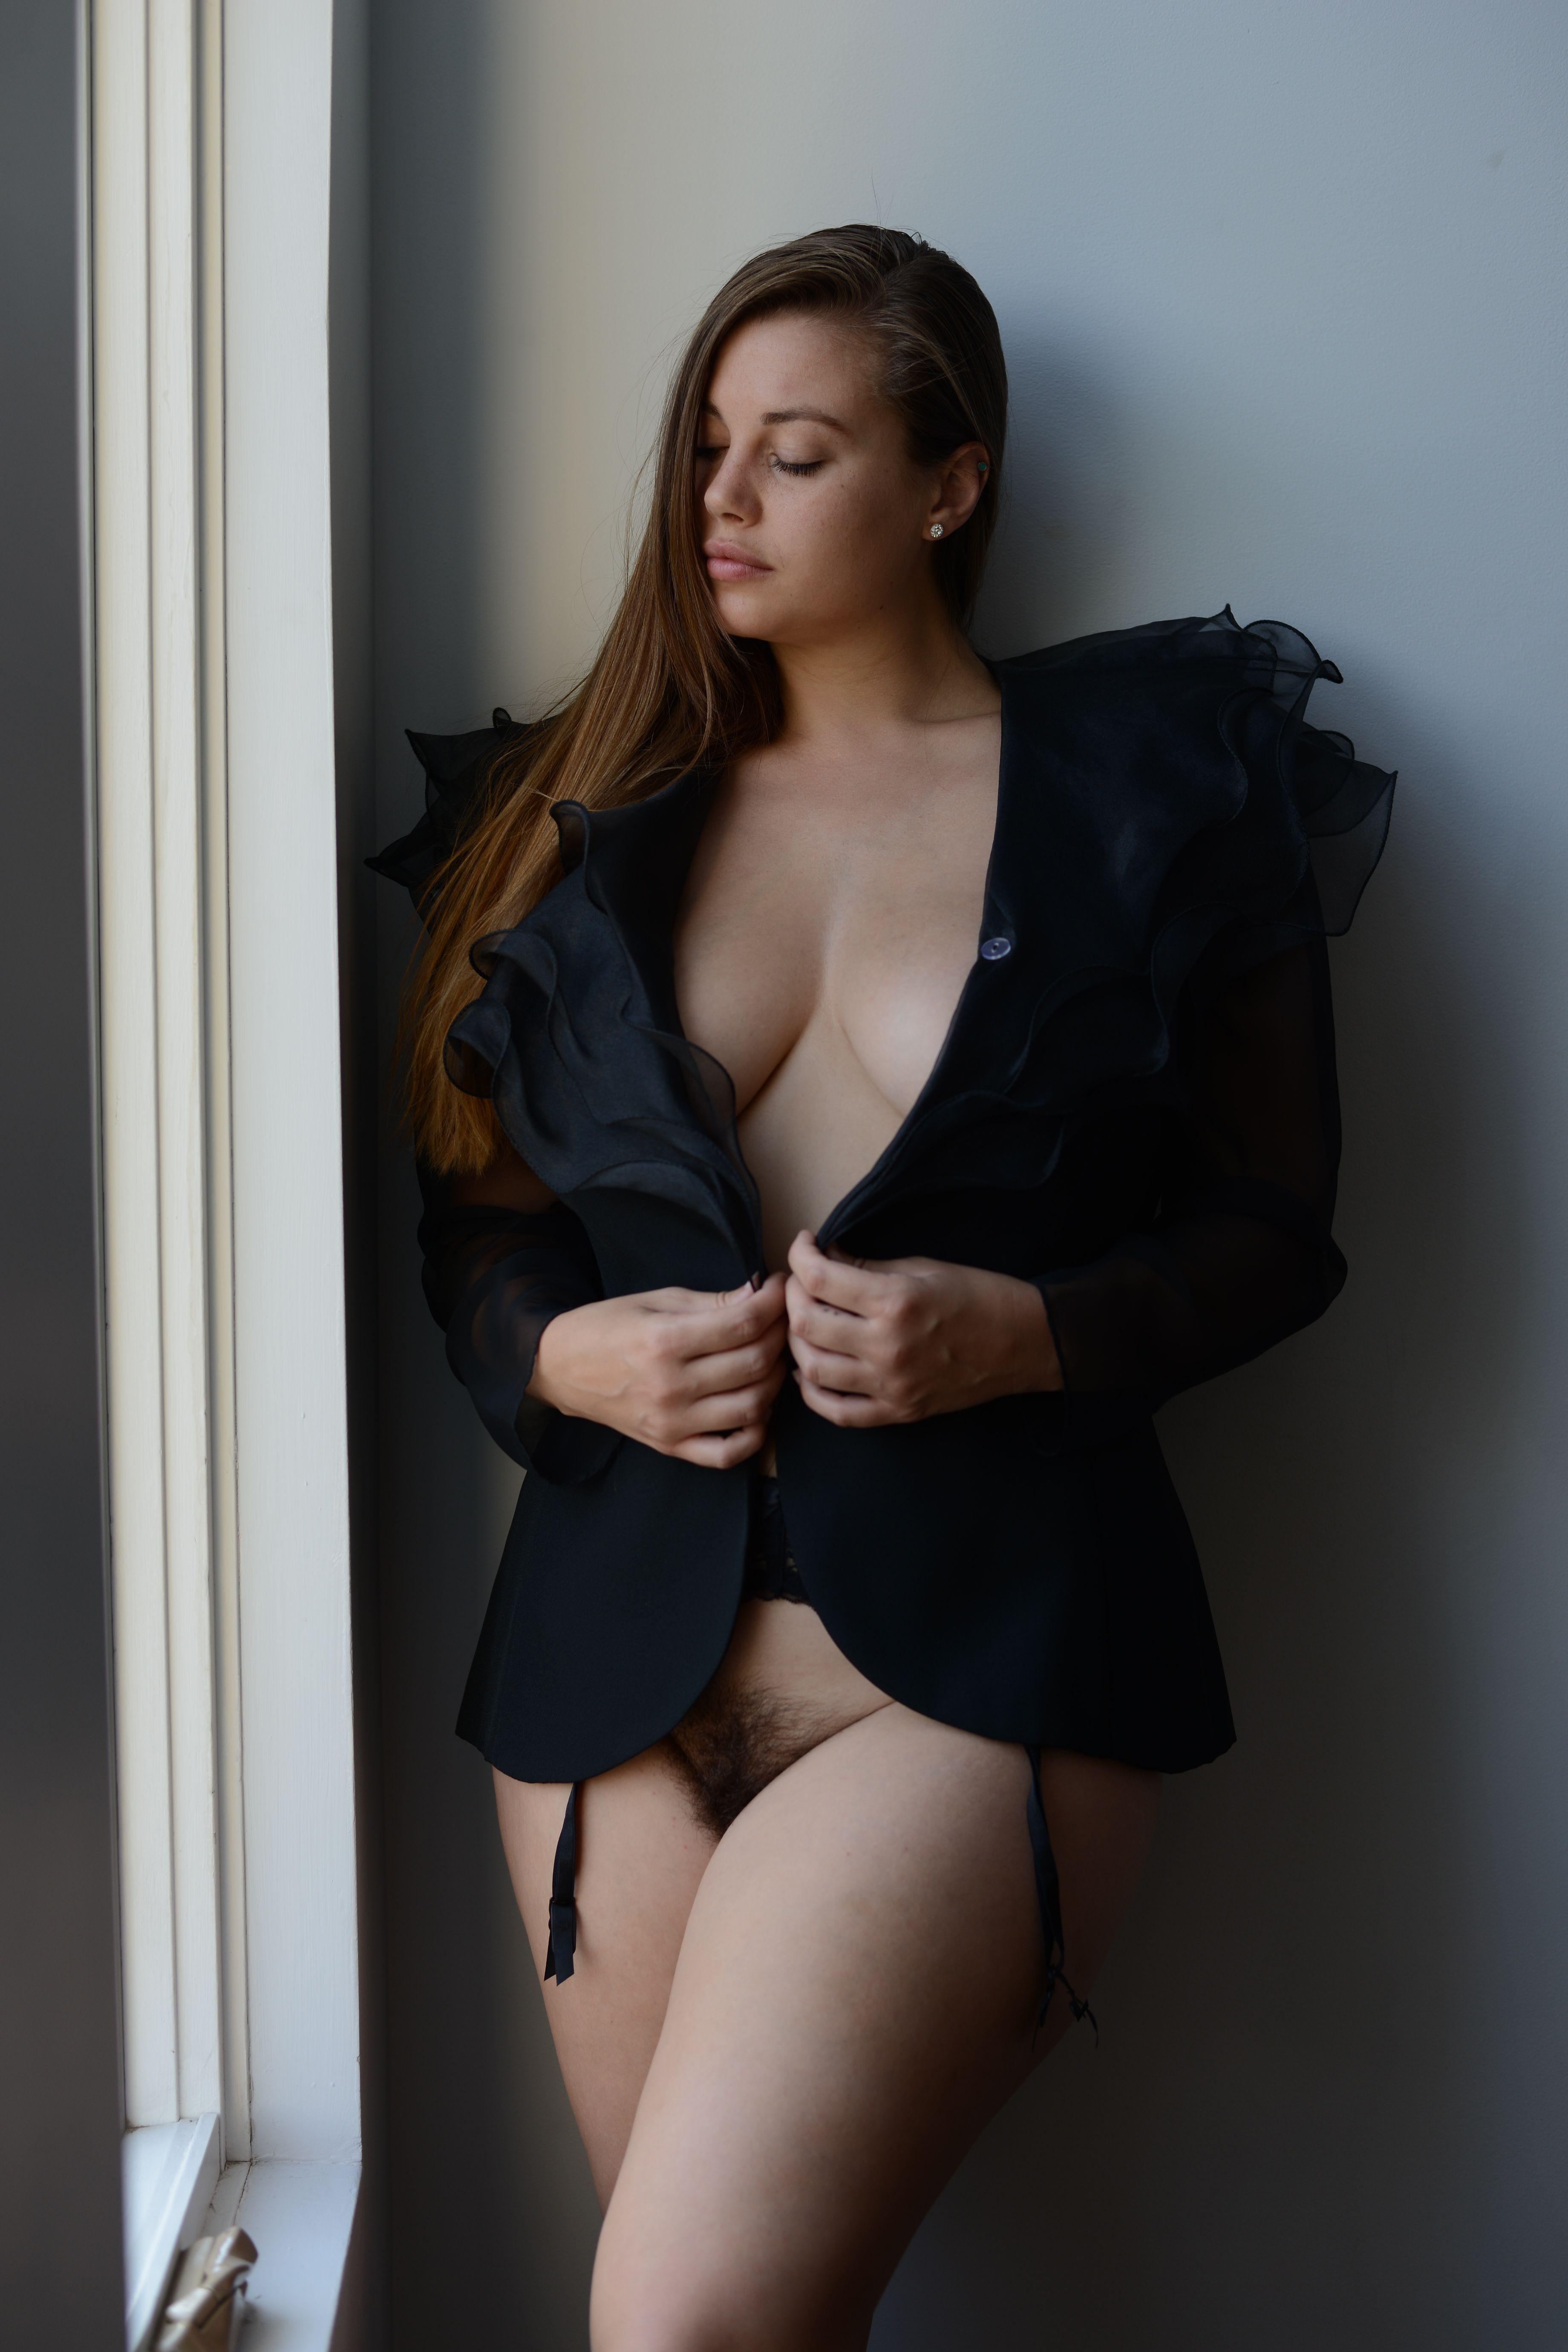 Csi miami nude photos of women